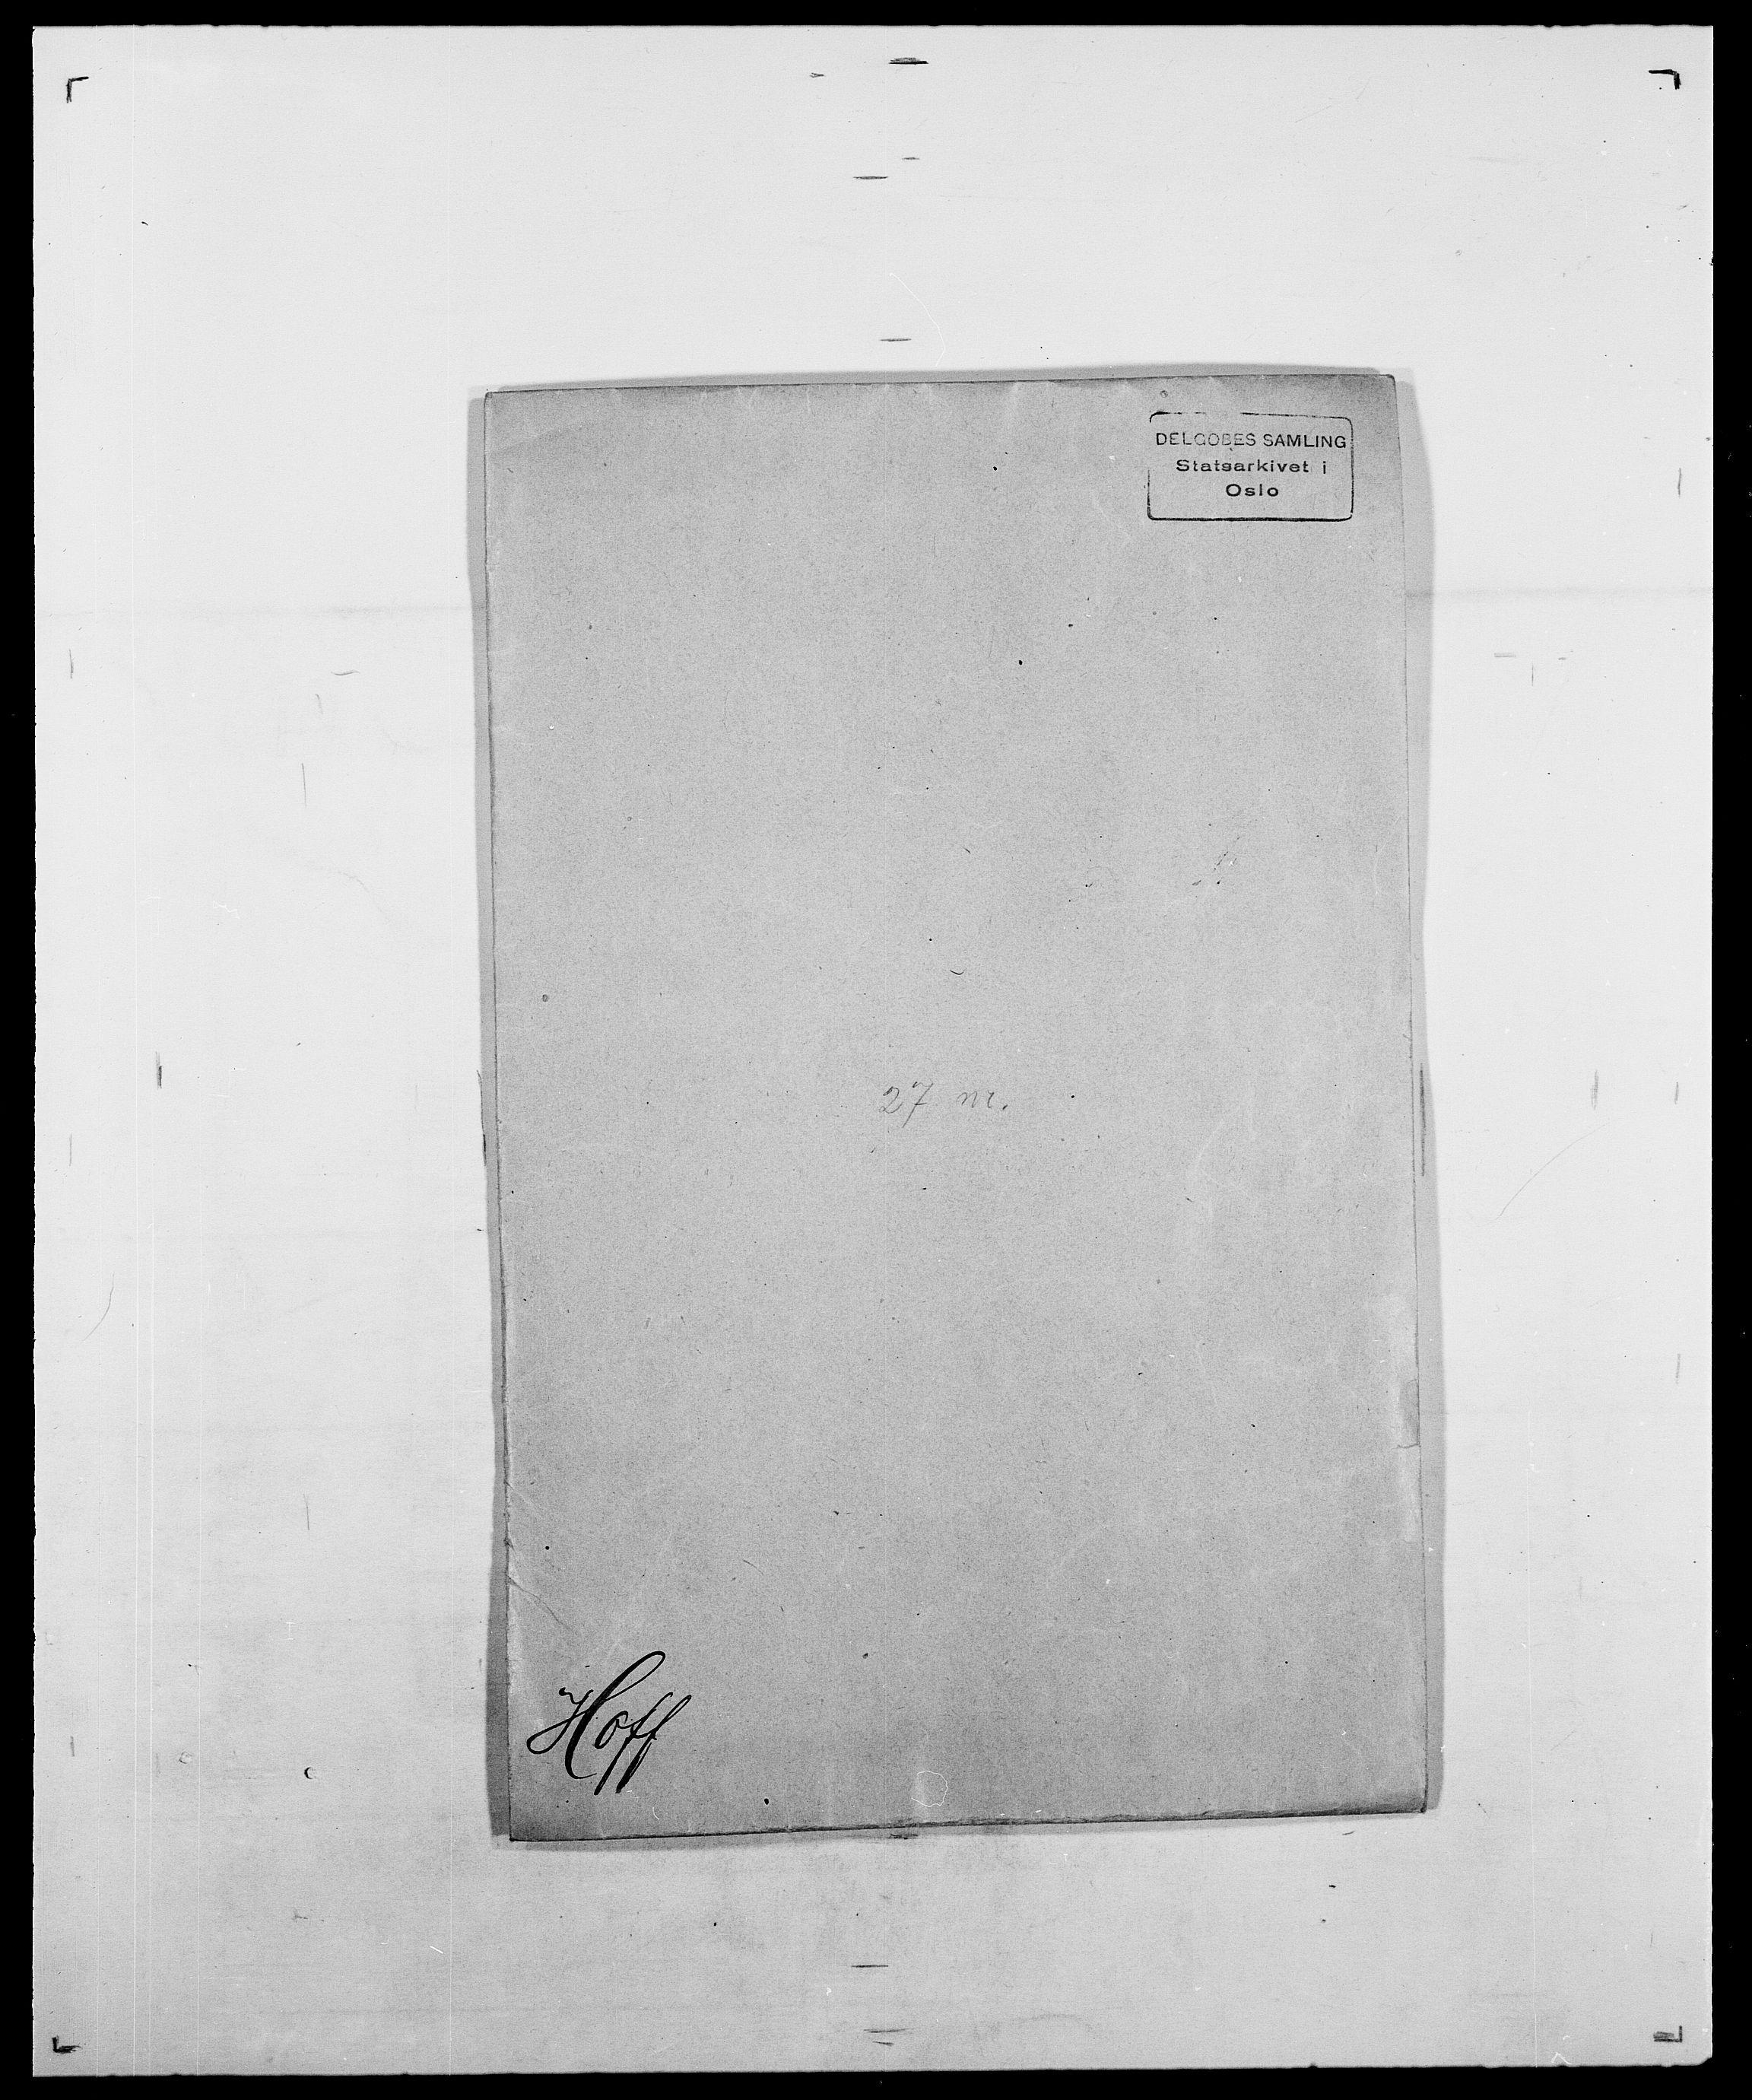 SAO, Delgobe, Charles Antoine - samling, D/Da/L0018: Hoch - Howert, s. 30